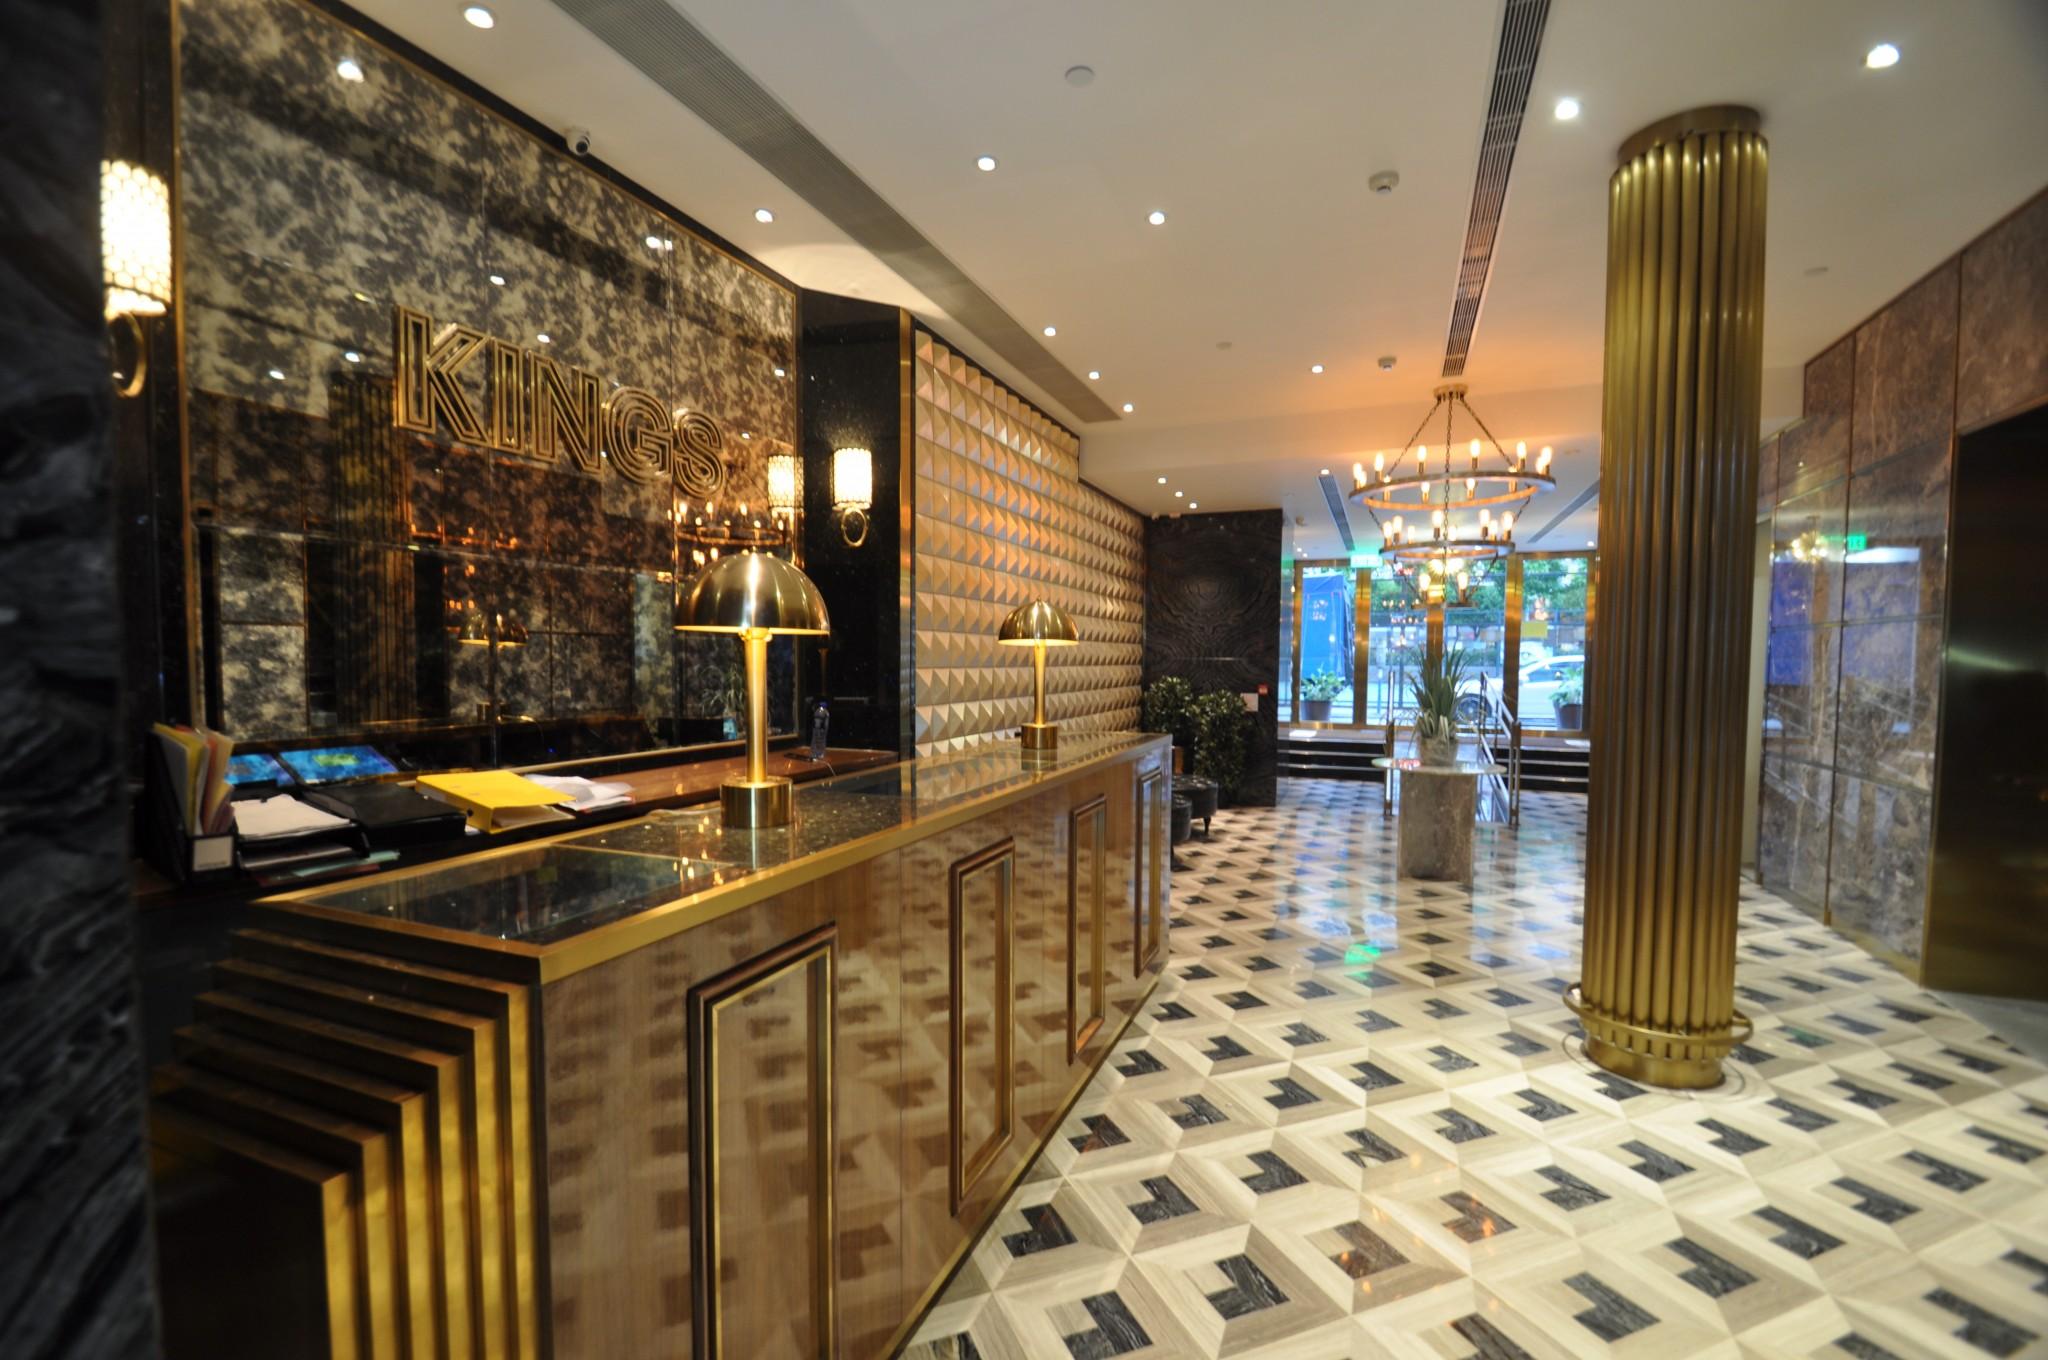 Kings Hotel 王子酒店  香港酒店 預訂房間 即時預訂 優惠價格